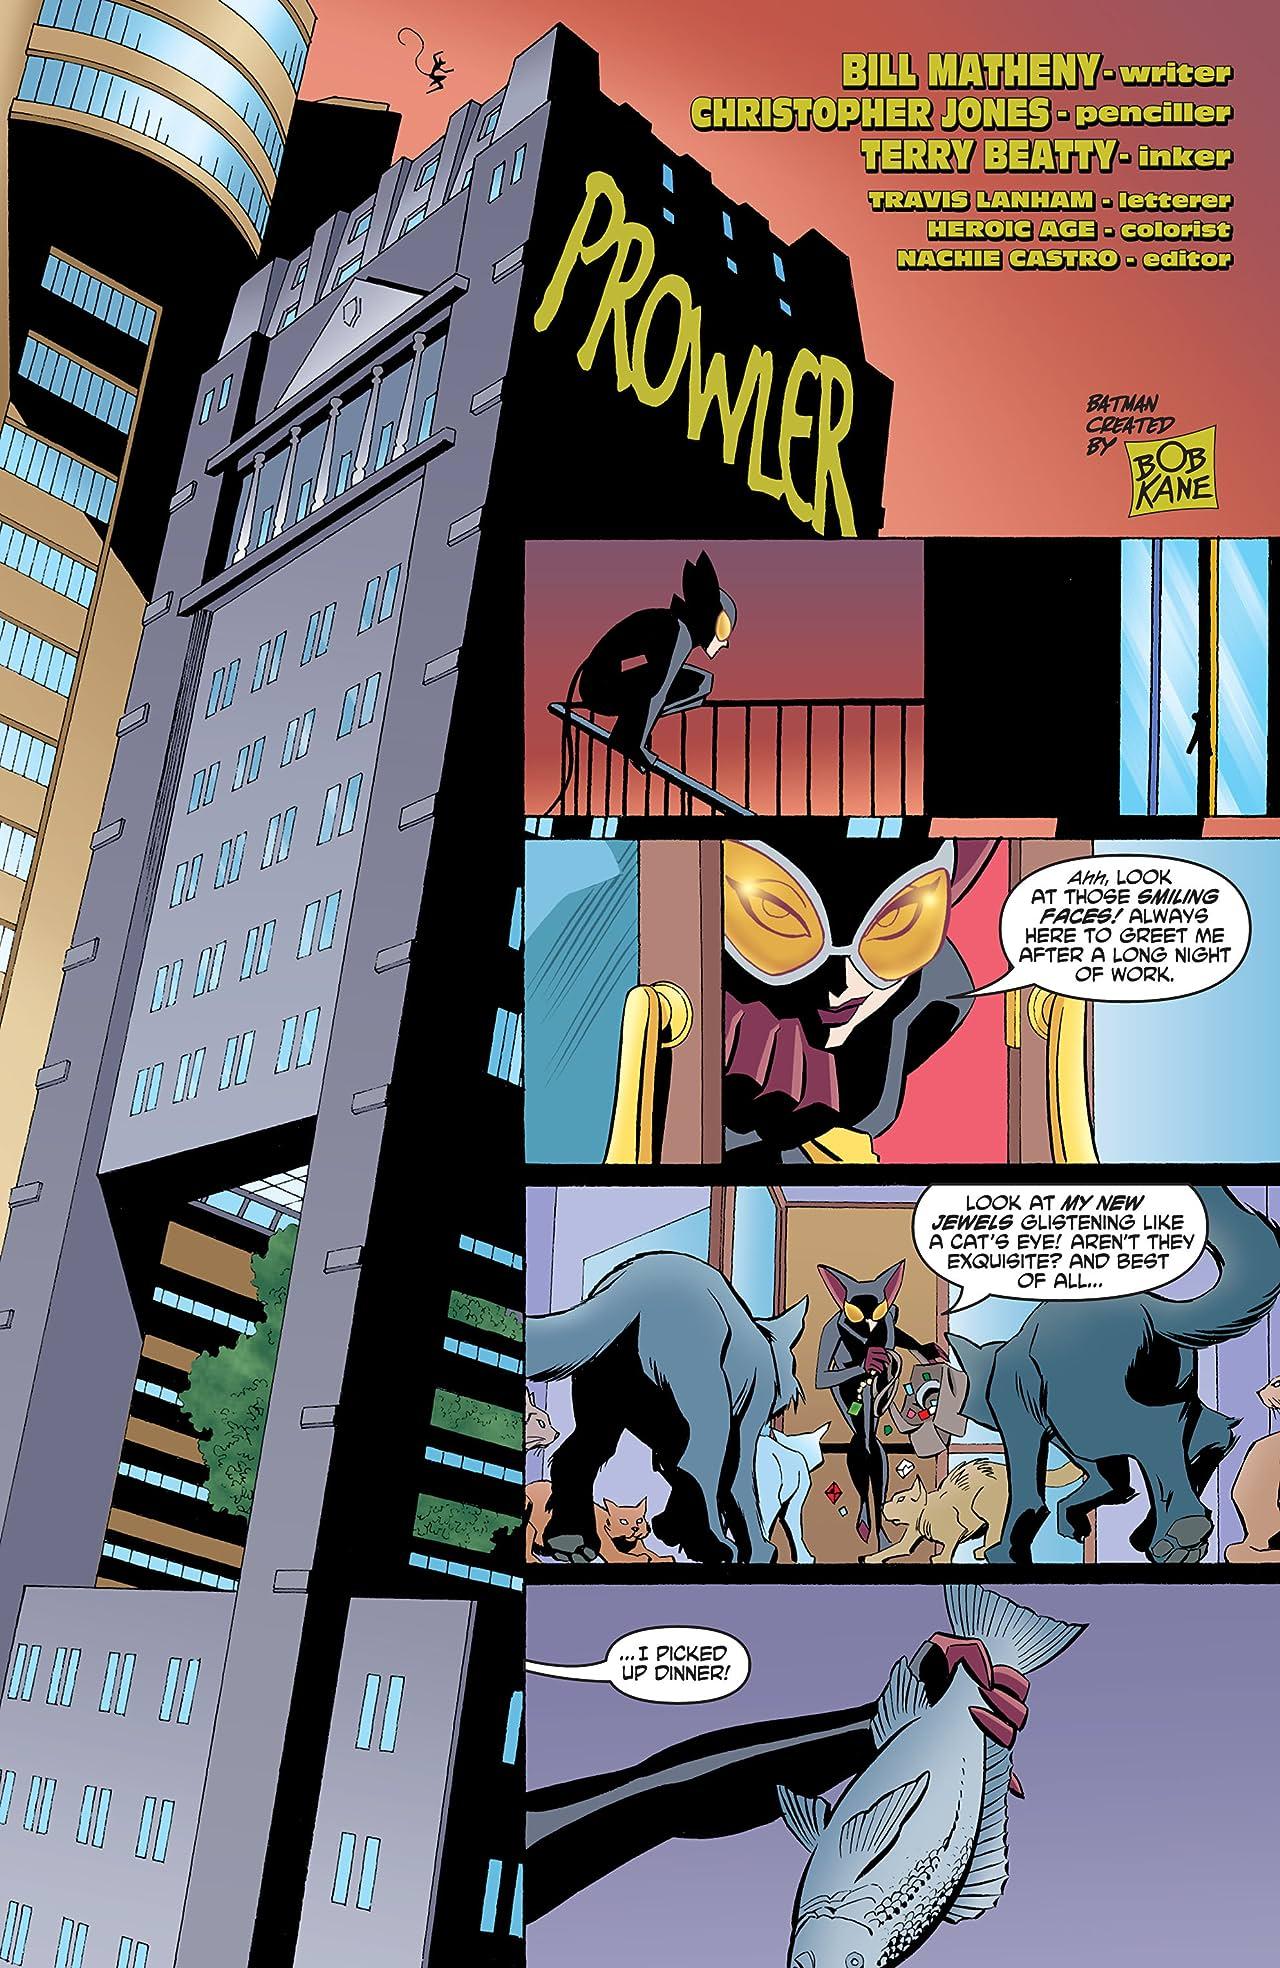 The Batman Strikes! #13